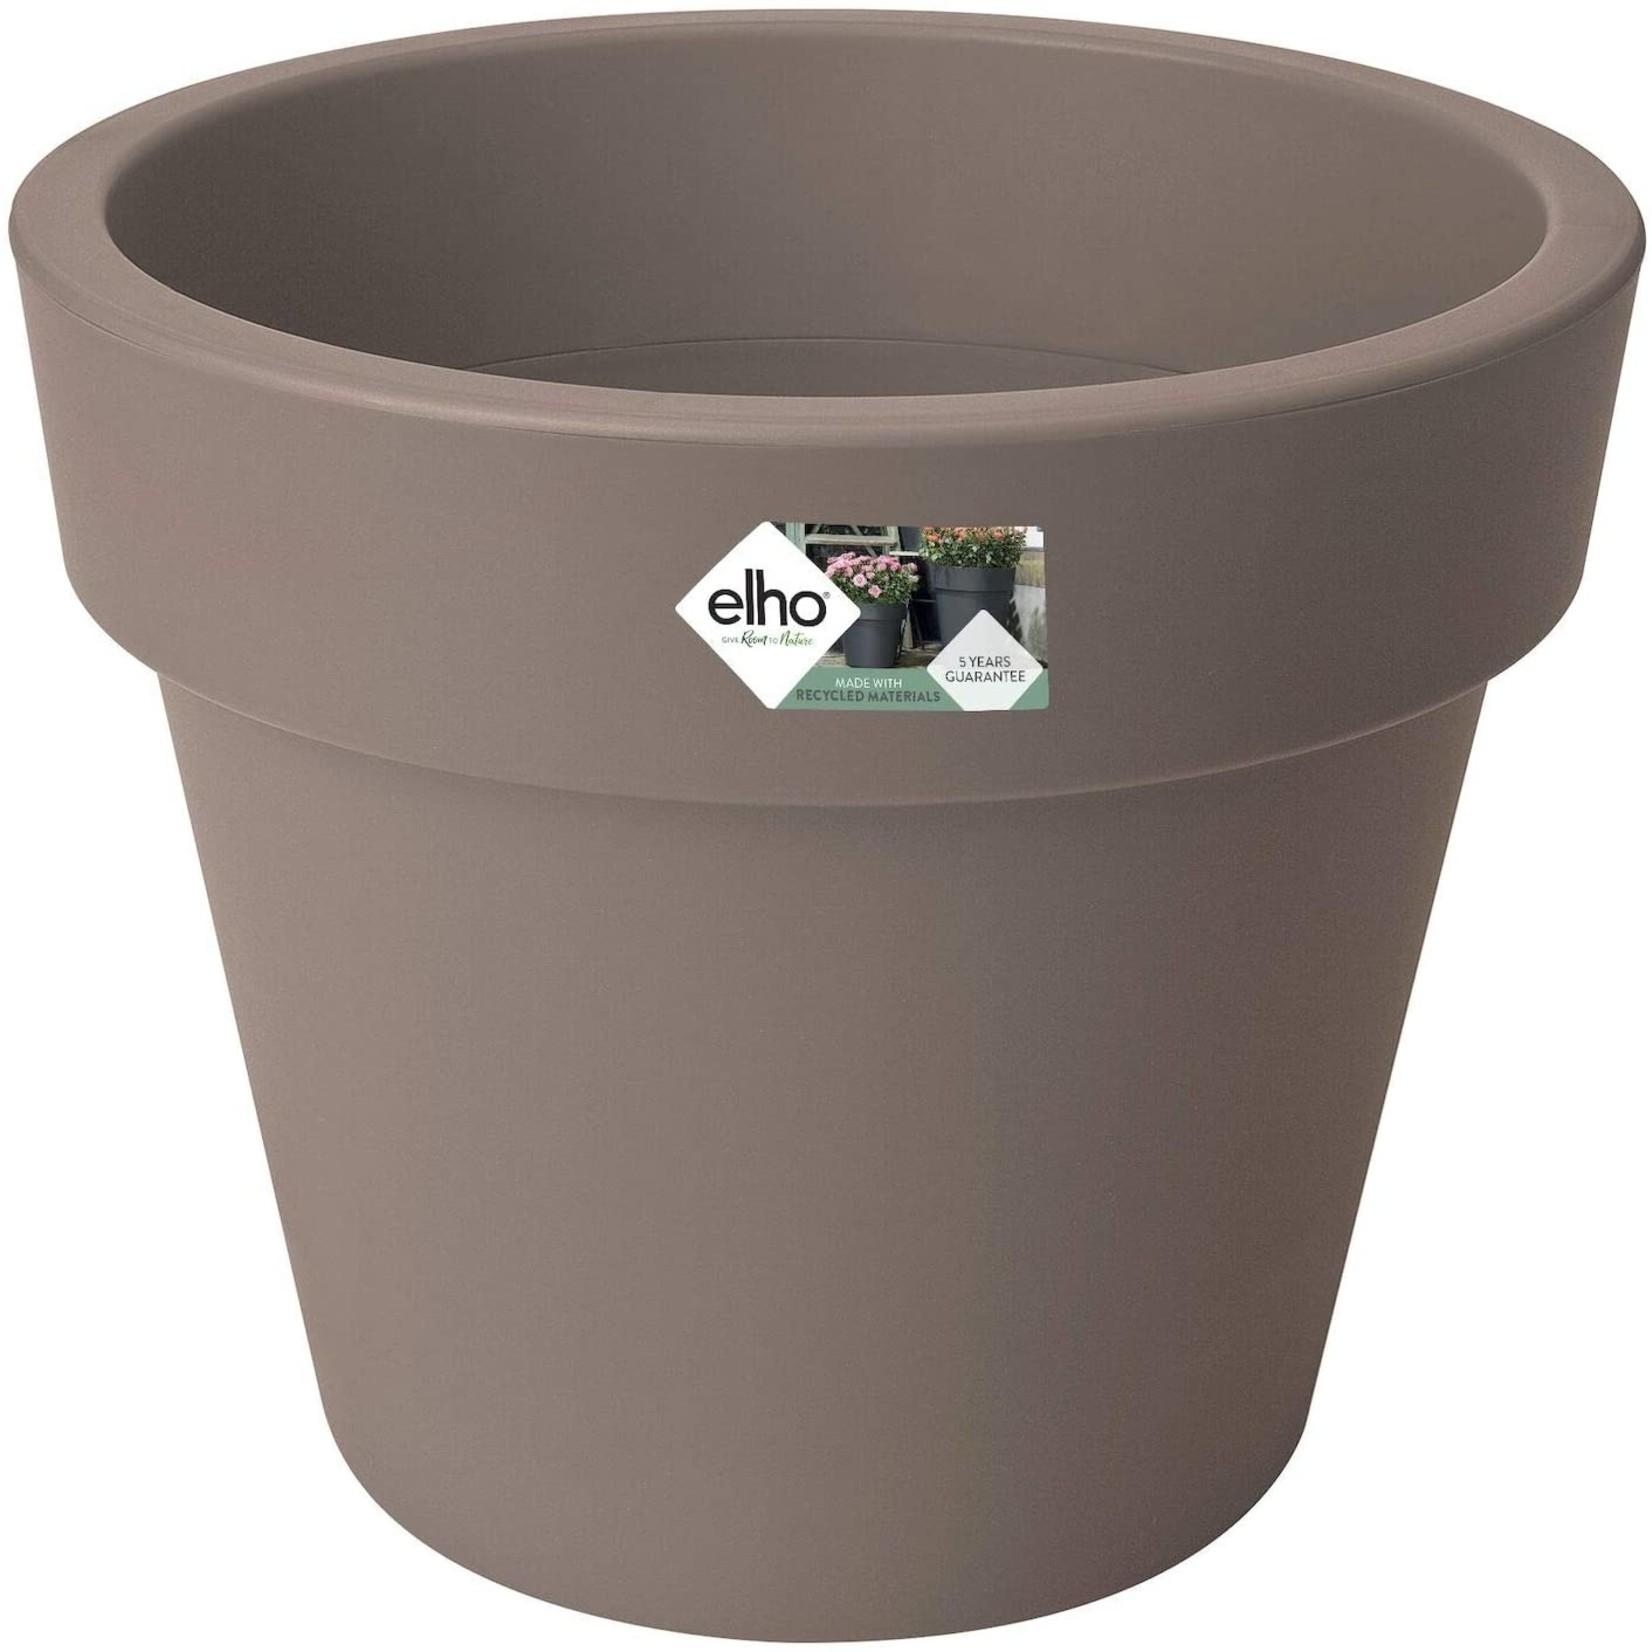 Elho Elho Top Planter 40Cm Taupe